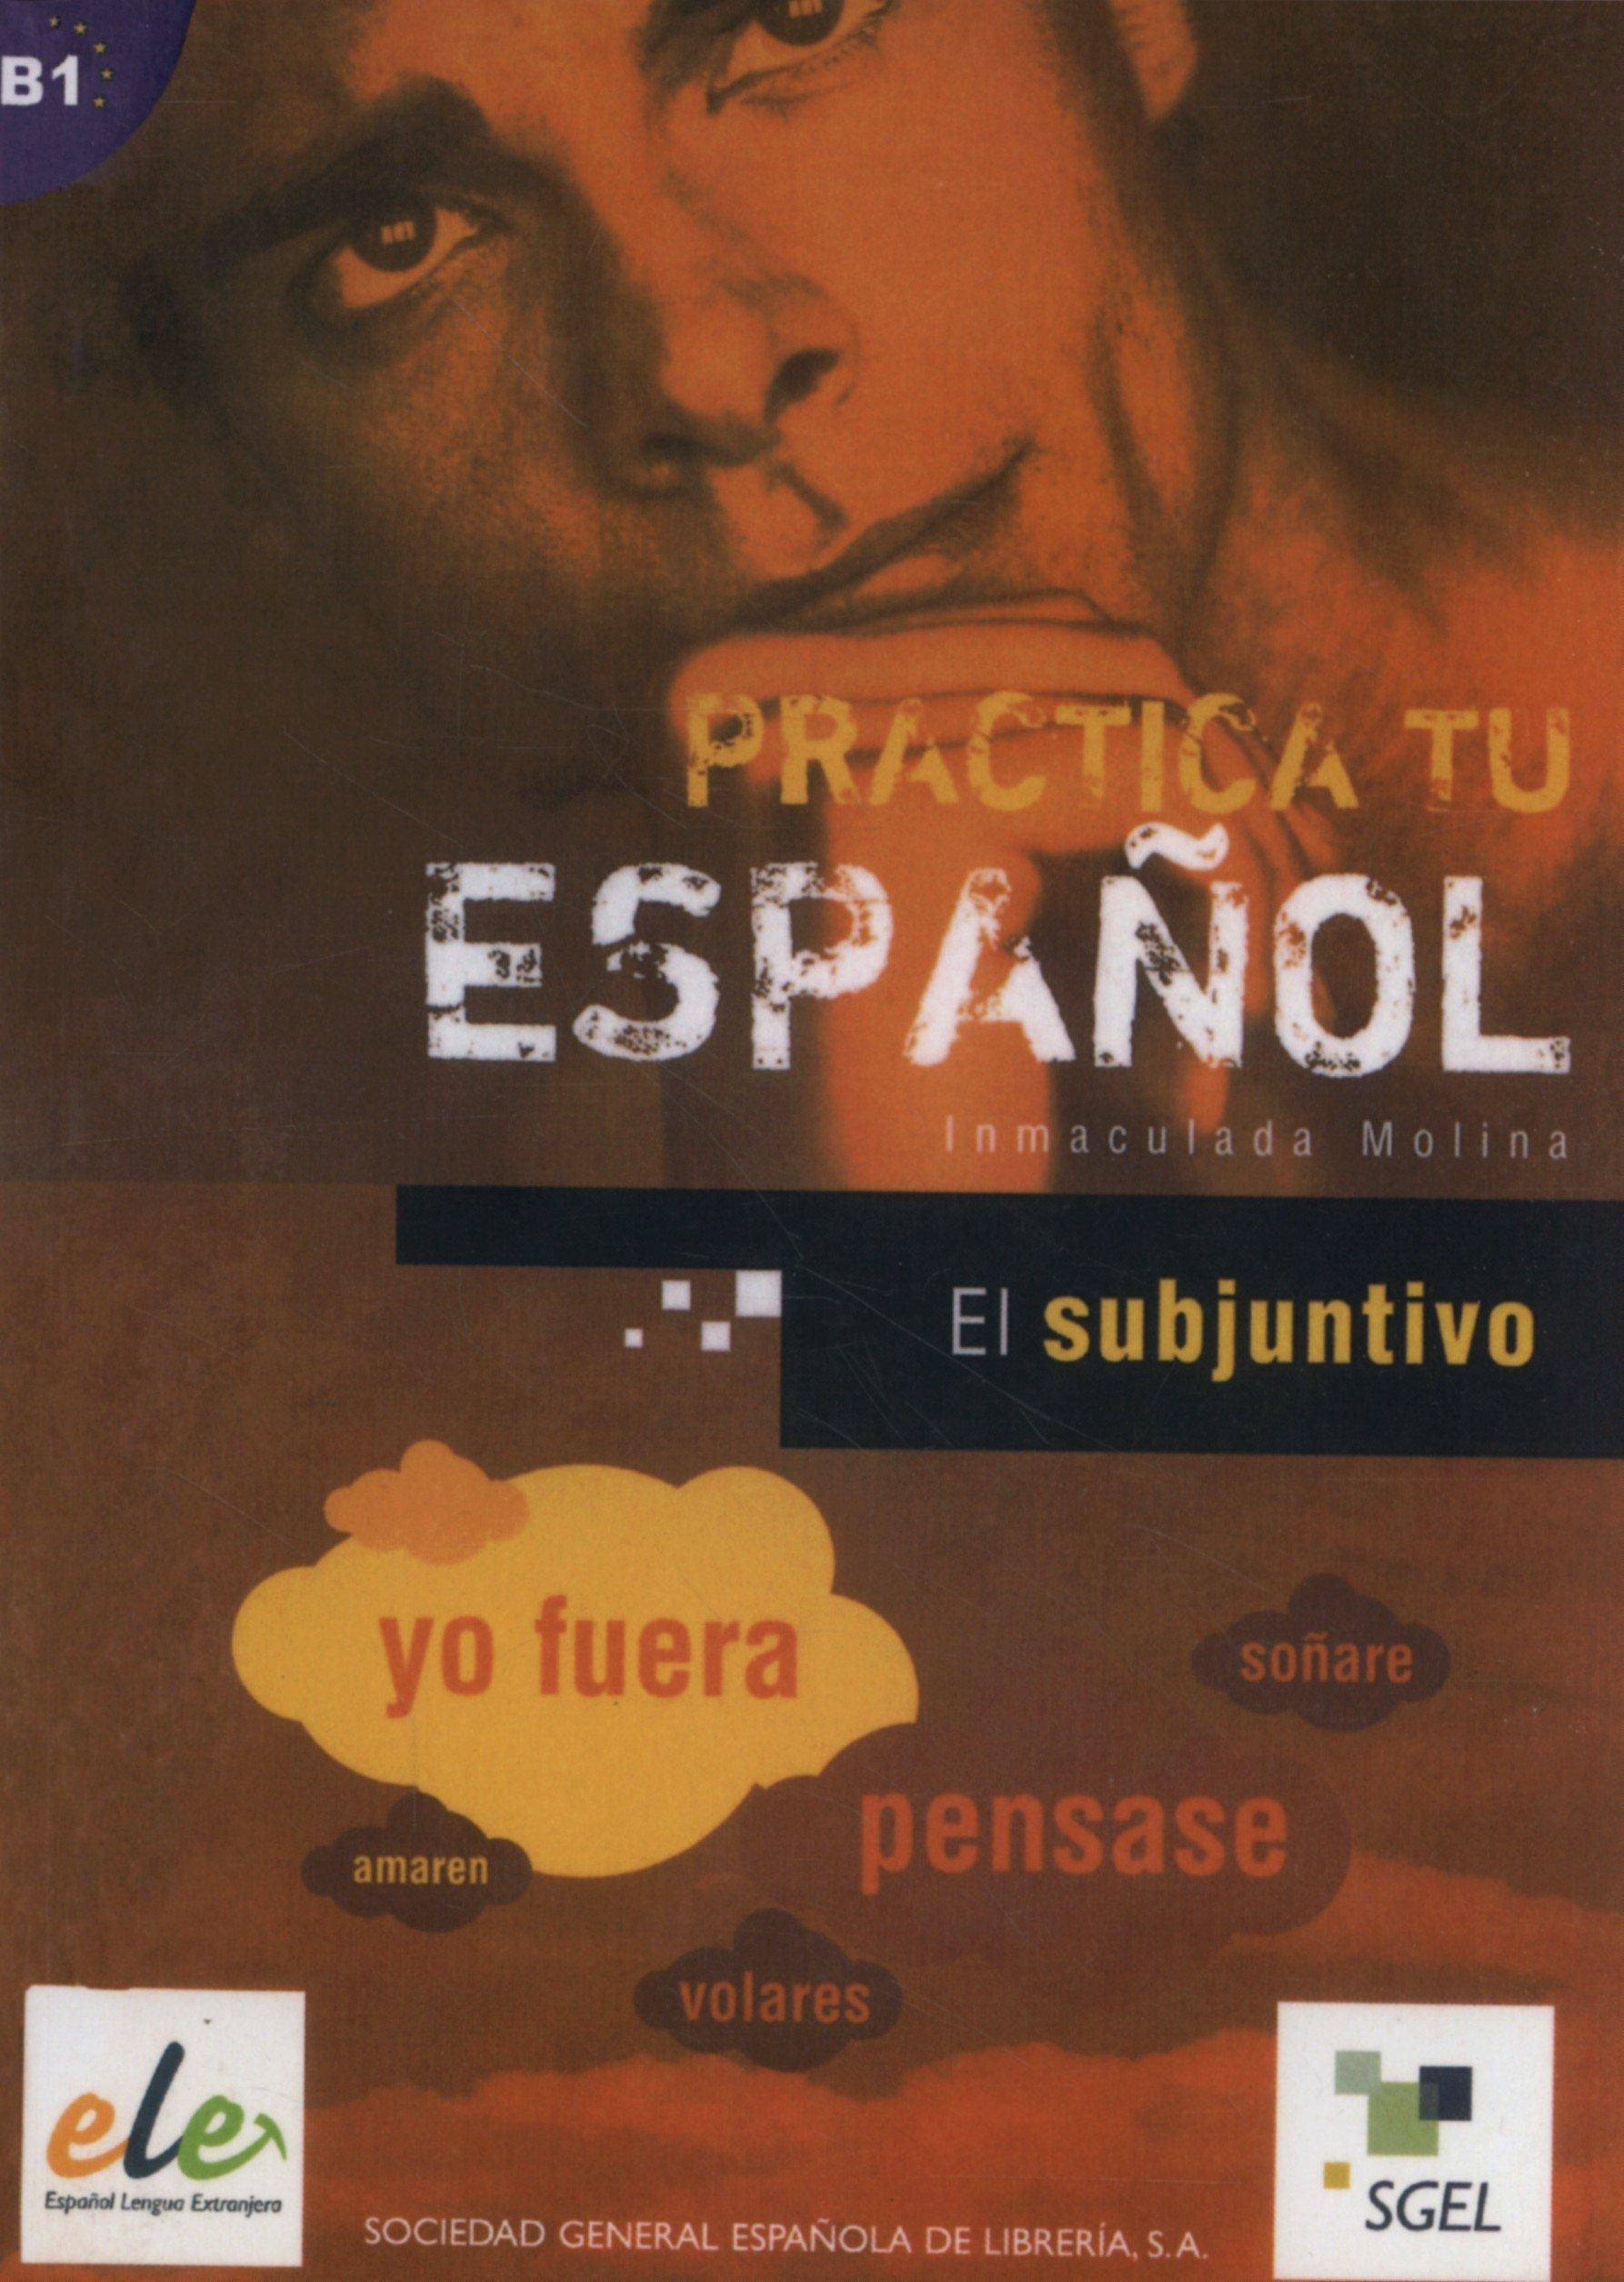 El subjuntivo: Practica tu español. B1